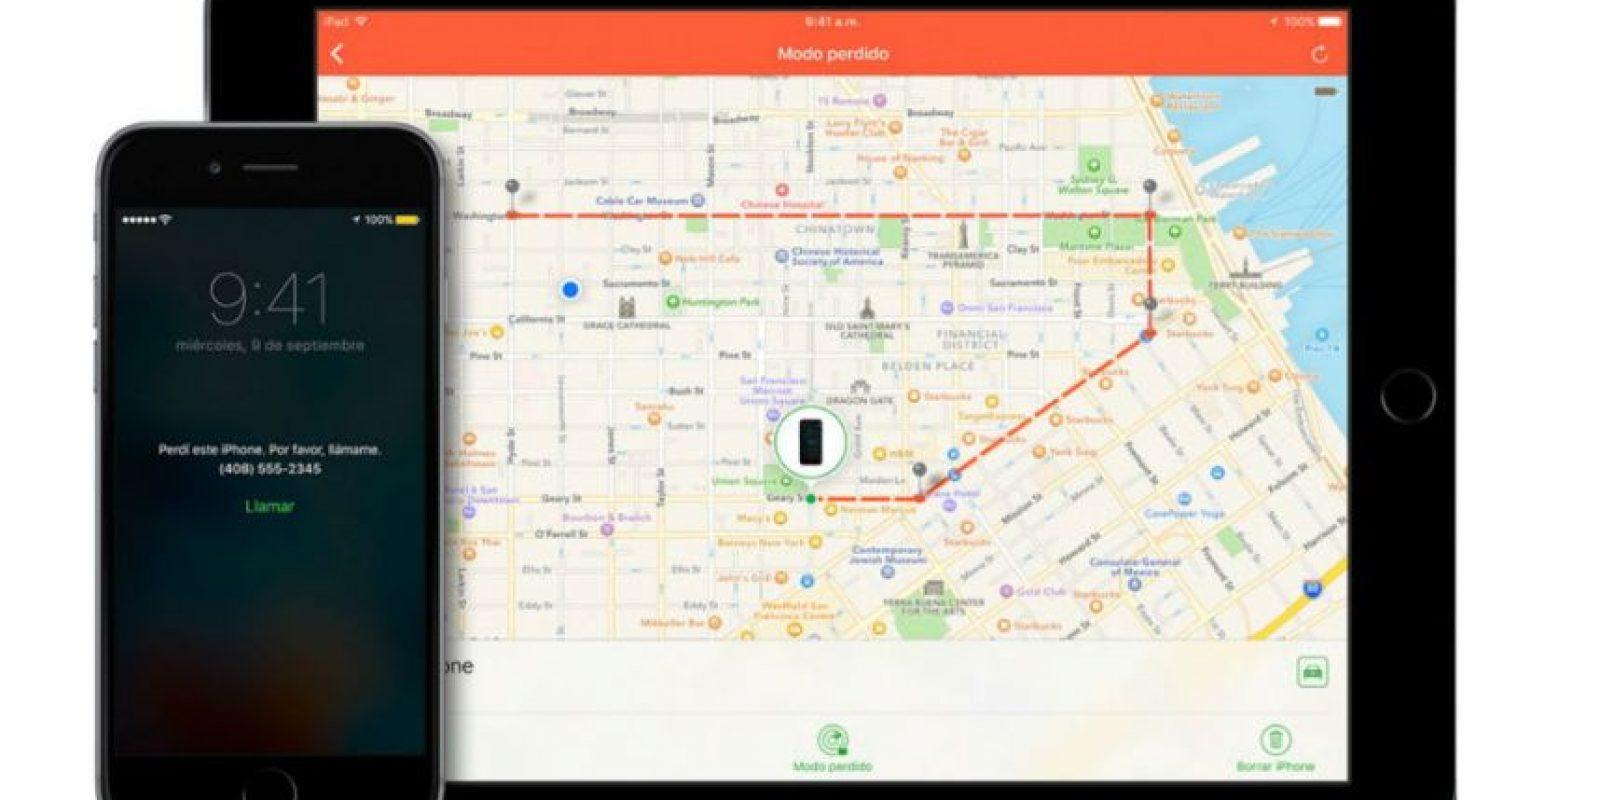 Buscar mi iPhone tiene diversas funciones. Foto:Apple